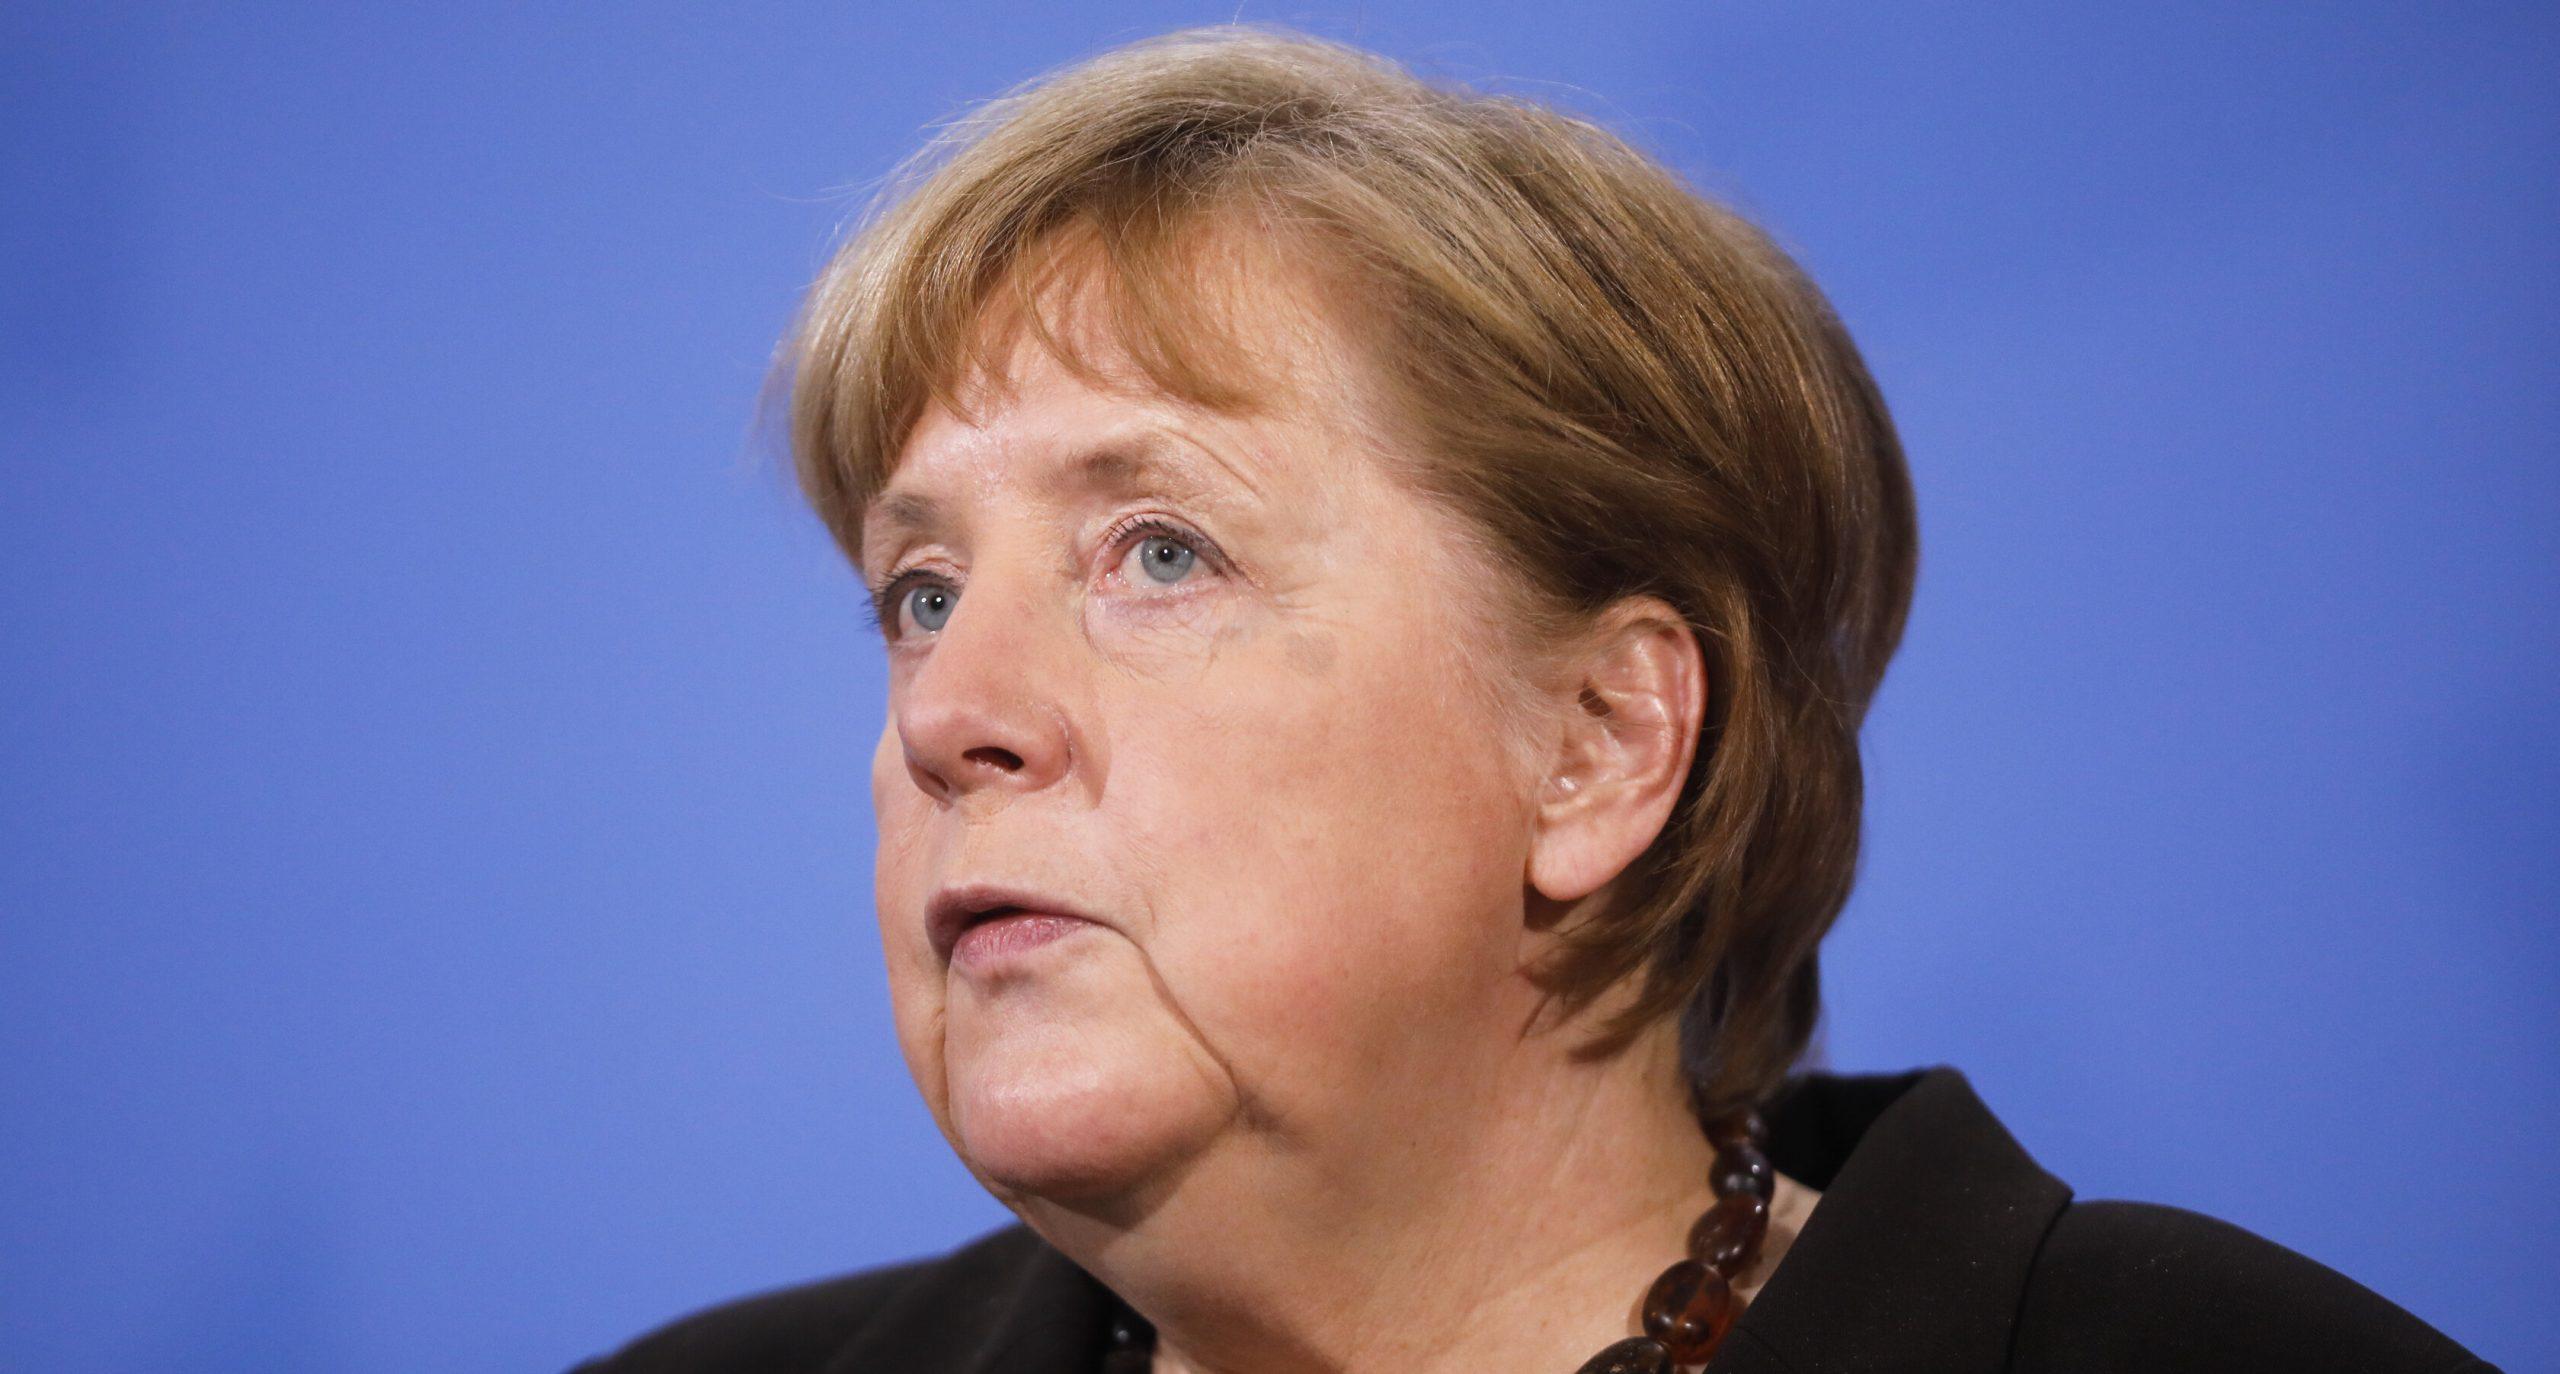 Germania| Proiectul de lege care ridică restricțiile pentru cei vaccinați îi nedreptățește pe tineri, care nu au acces la serul anti-Covid